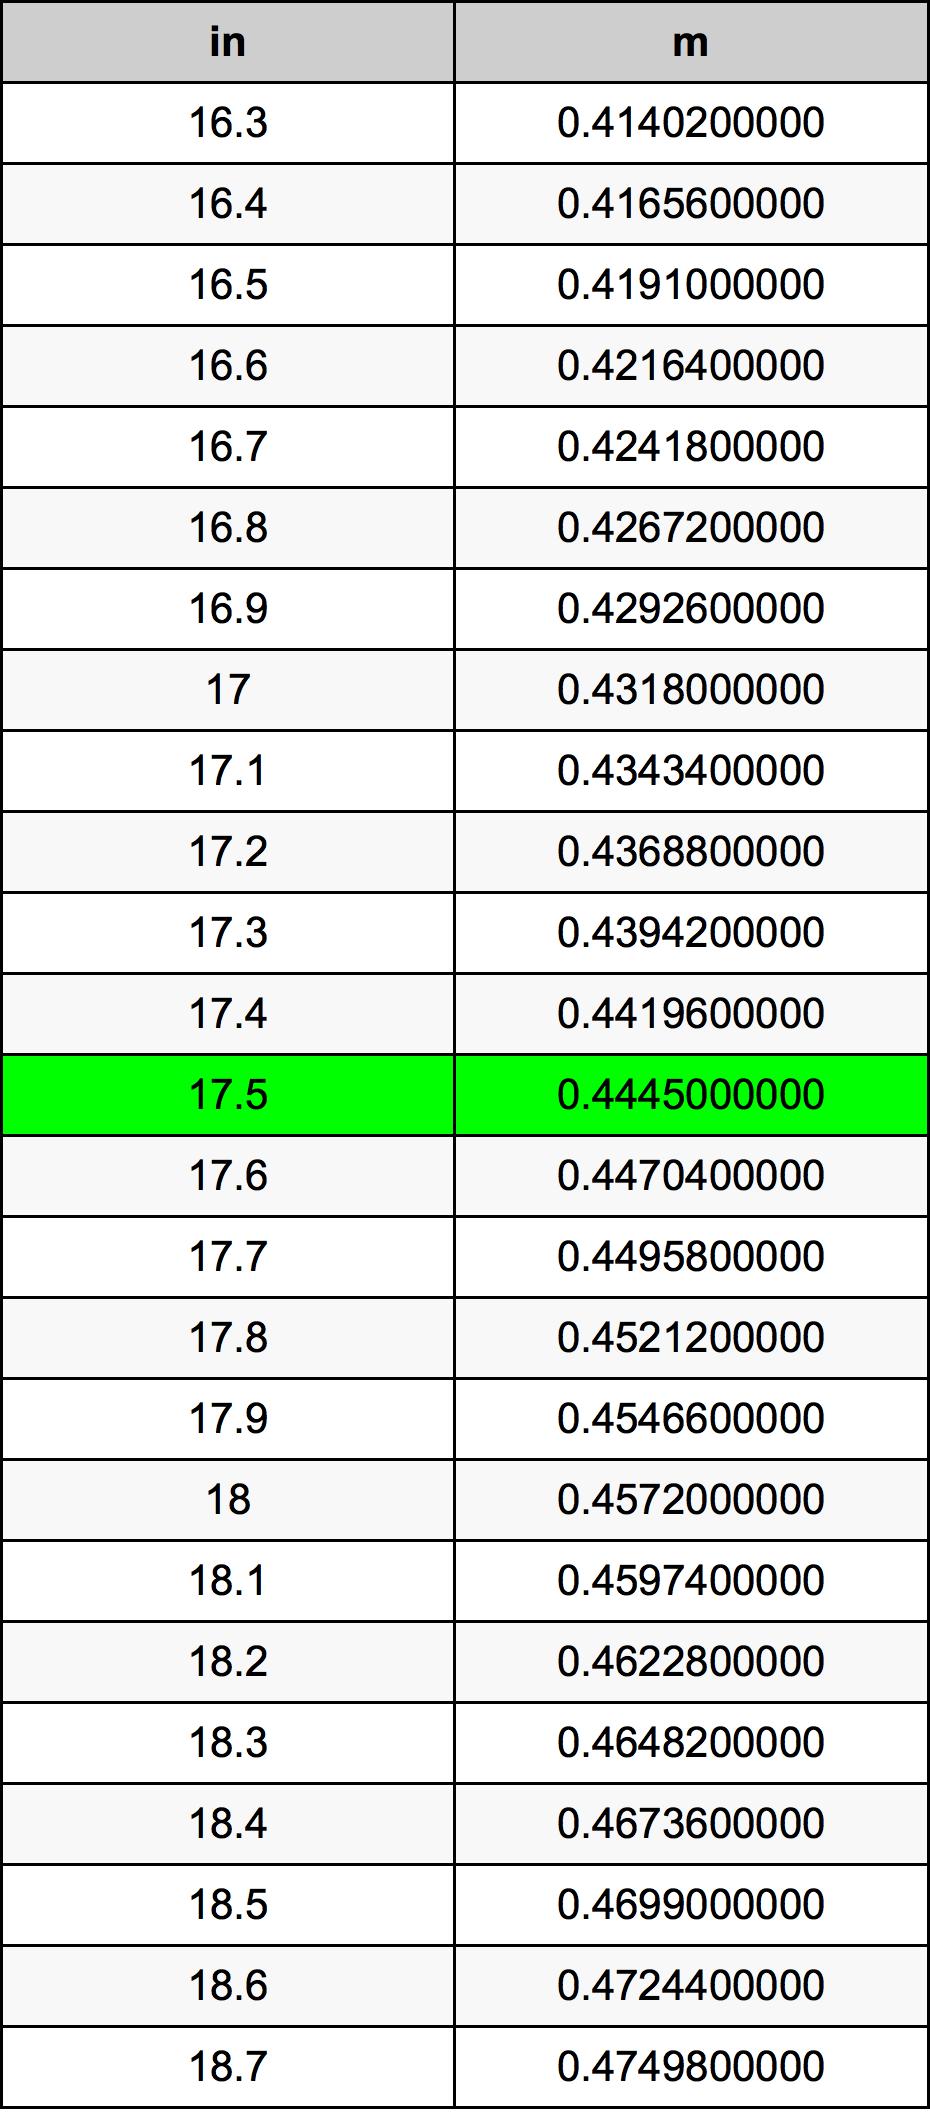 17.5 инч Таблица за преобразуване